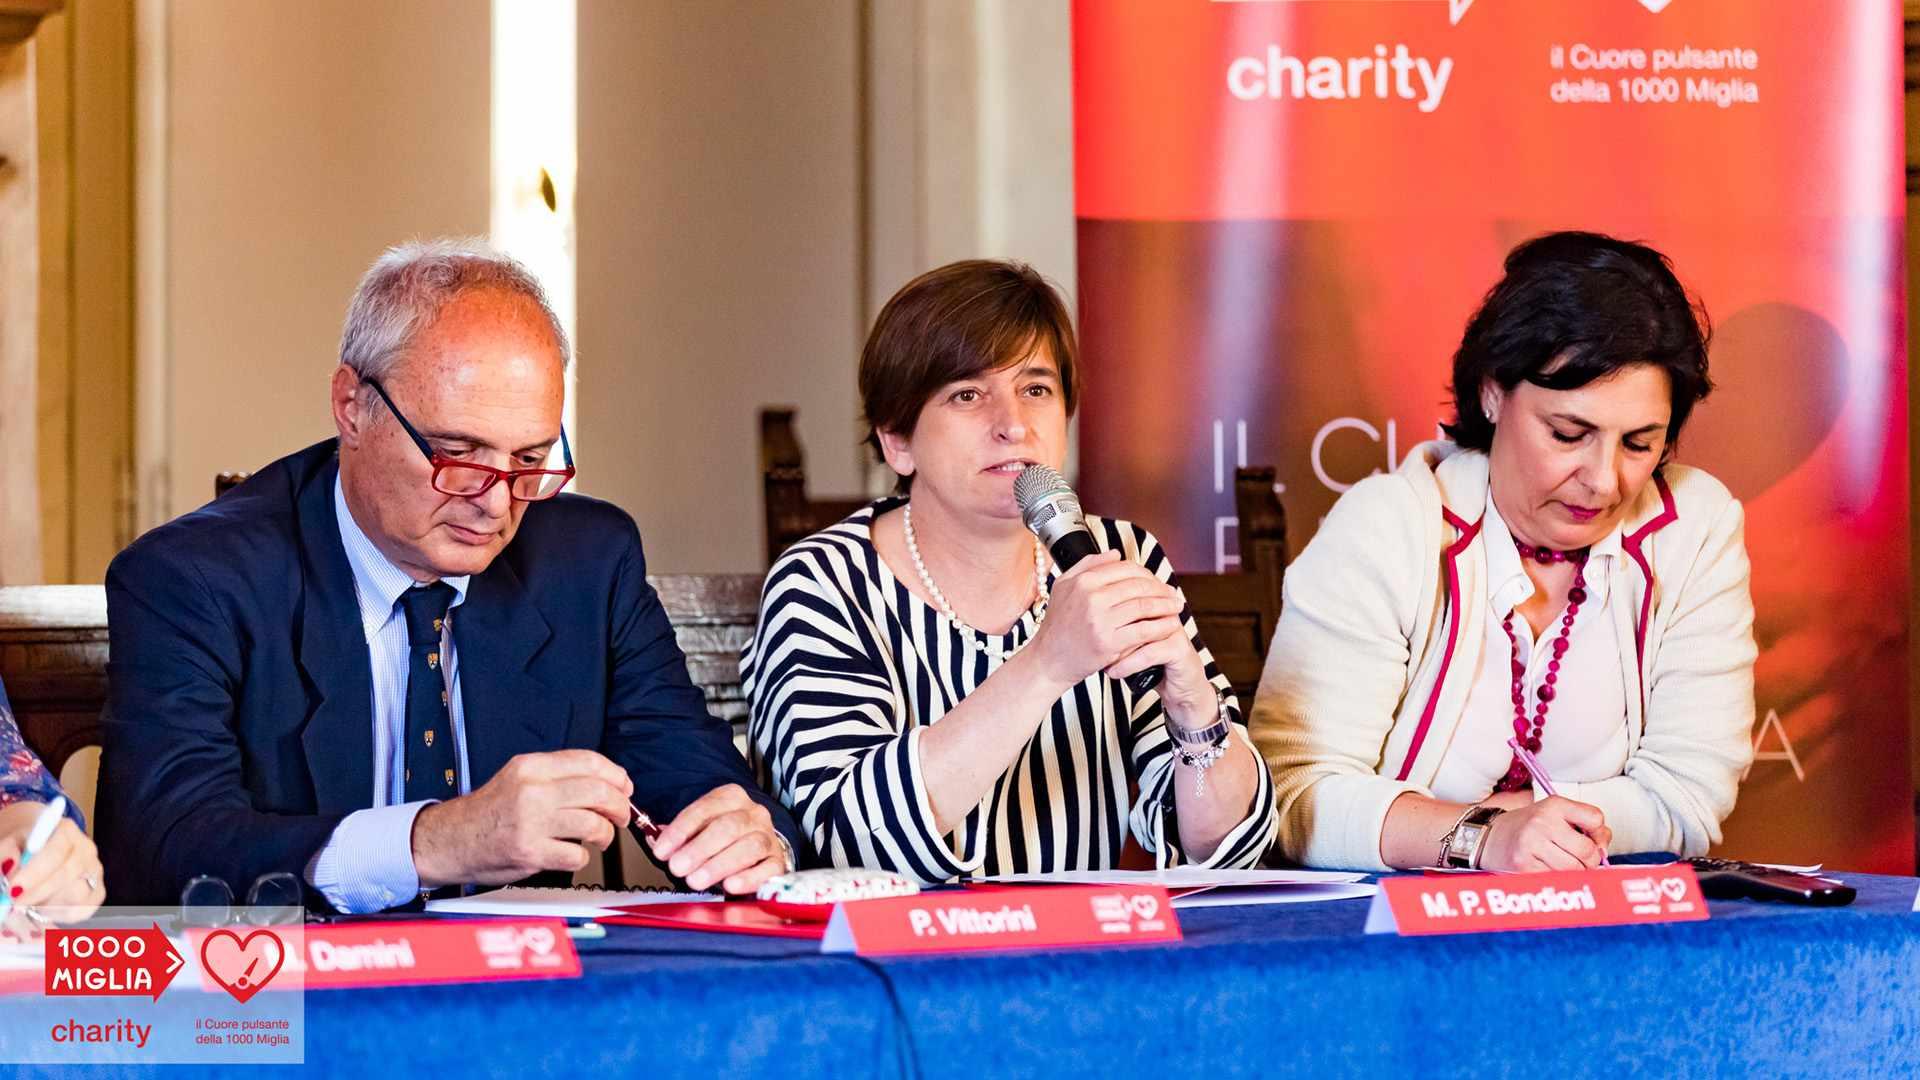 1000 Miglia Charity - Maria Pia Bondioni - Responsabile Radiologia pediatrica Ospedale dei Bambini di Brescia